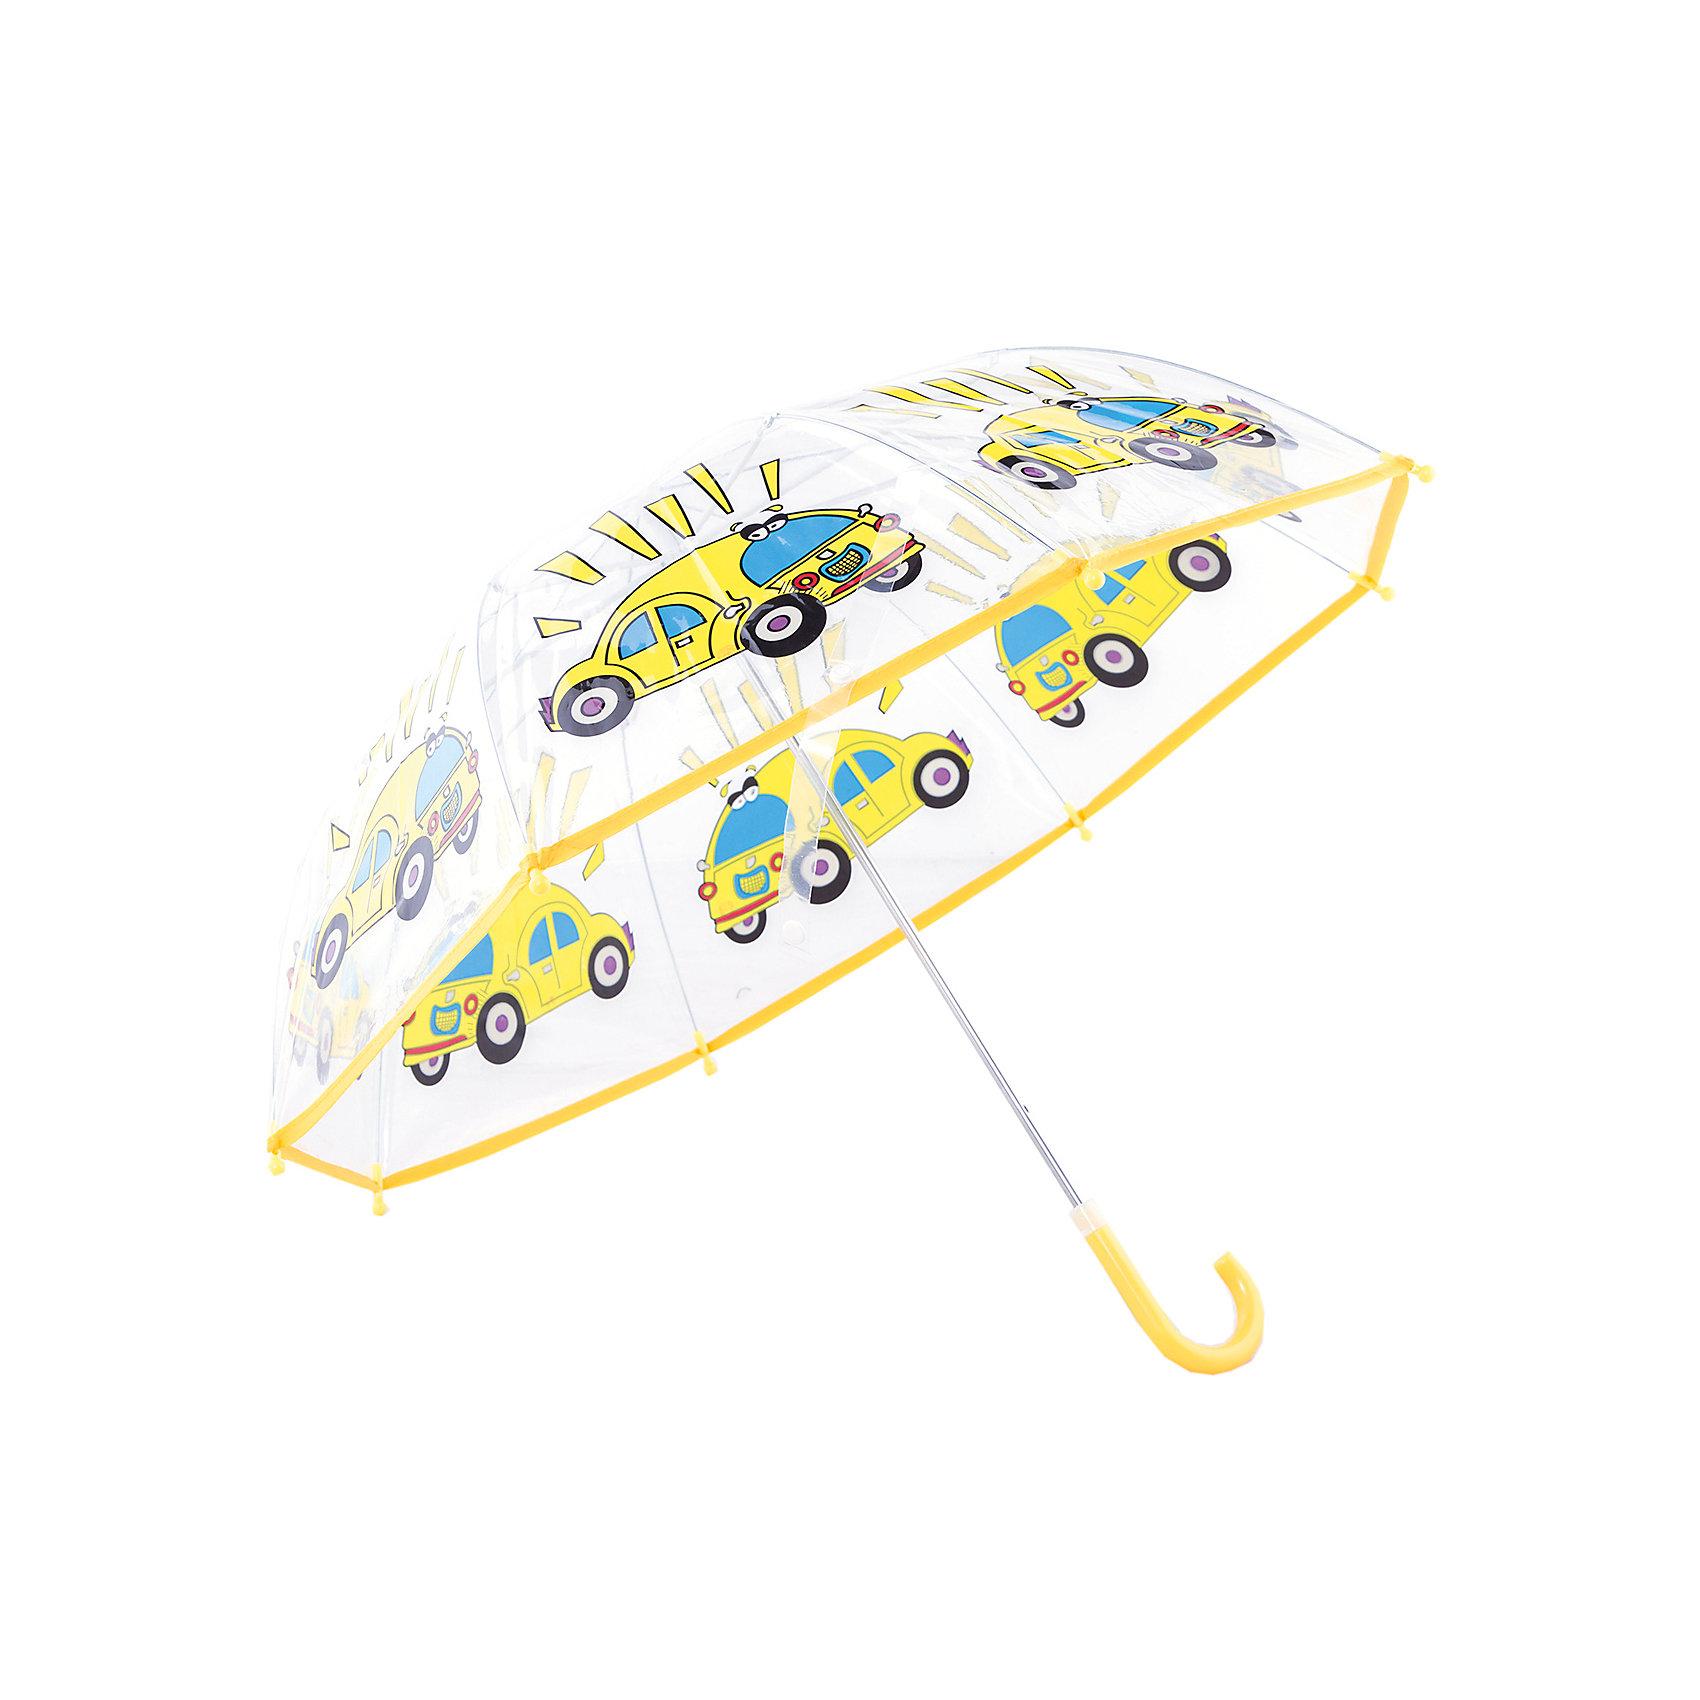 Зонт детский Автомобиль, 46 см.Детский зонтик-тросточка с ярким принтом защитит ребенка от непогоды. Зонтик не боится дождя и ветра благодаря прочному креплению купола к каркасу. <br> Технические характеристики: <br> Механическая система складывания; <br> Концы спиц закрыты пластиковыми шариками;  <br> Пластиковый фиксатор на стержне зонтика;  <br> Радиус купола - 46 см<br><br>Ширина мм: 580<br>Глубина мм: 600<br>Высота мм: 800<br>Вес г: 250<br>Возраст от месяцев: 36<br>Возраст до месяцев: 2147483647<br>Пол: Мужской<br>Возраст: Детский<br>SKU: 5508500